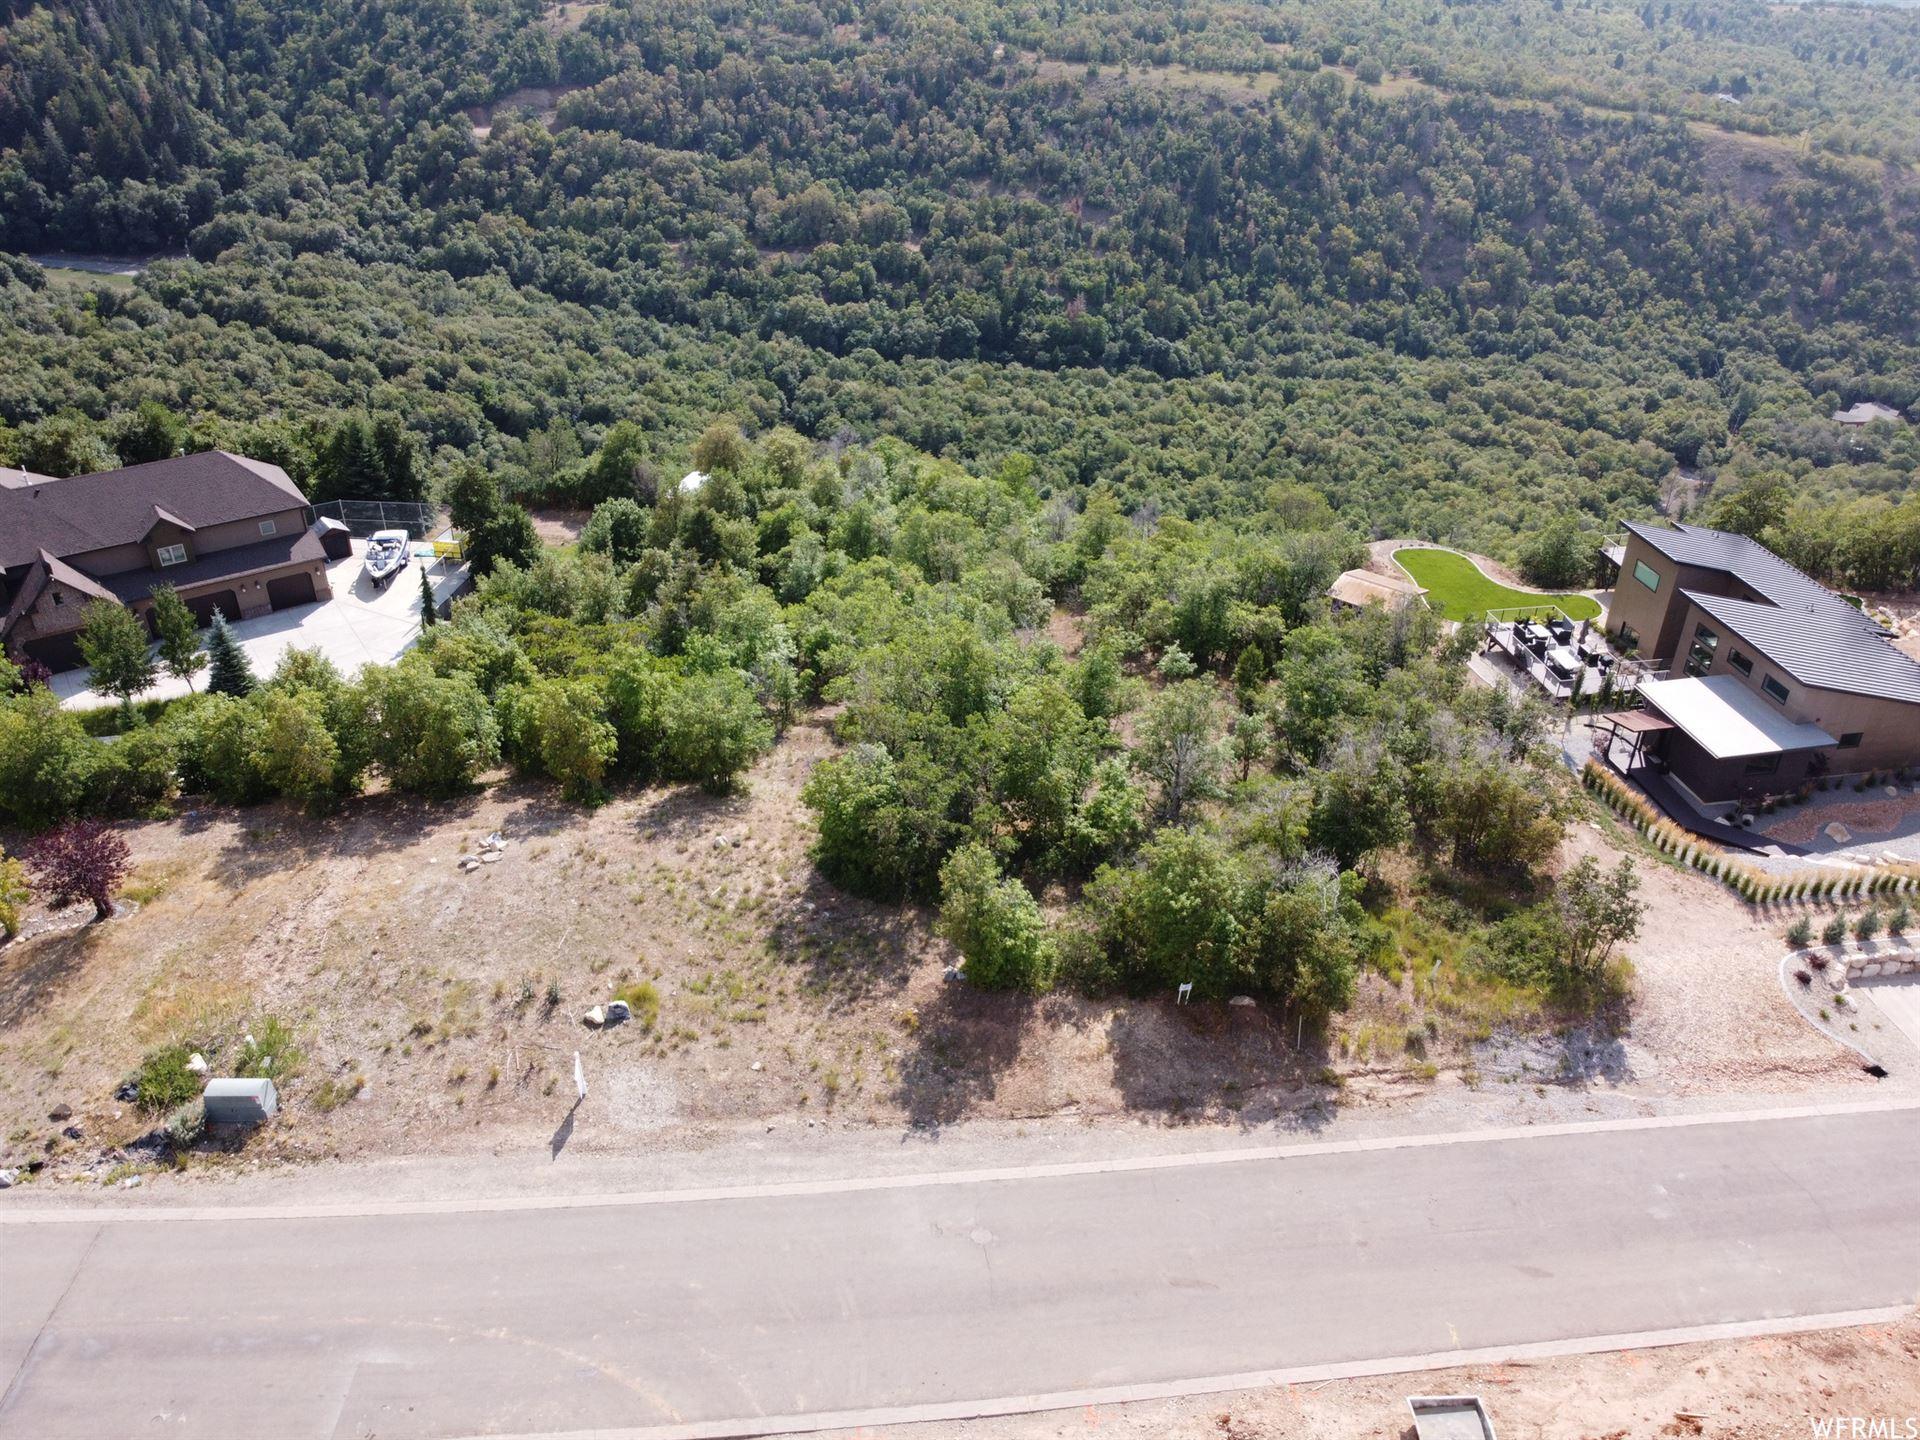 Photo of 1320 EAGLENEST DR #107, Woodland Hills, UT 84653 (MLS # 1760724)